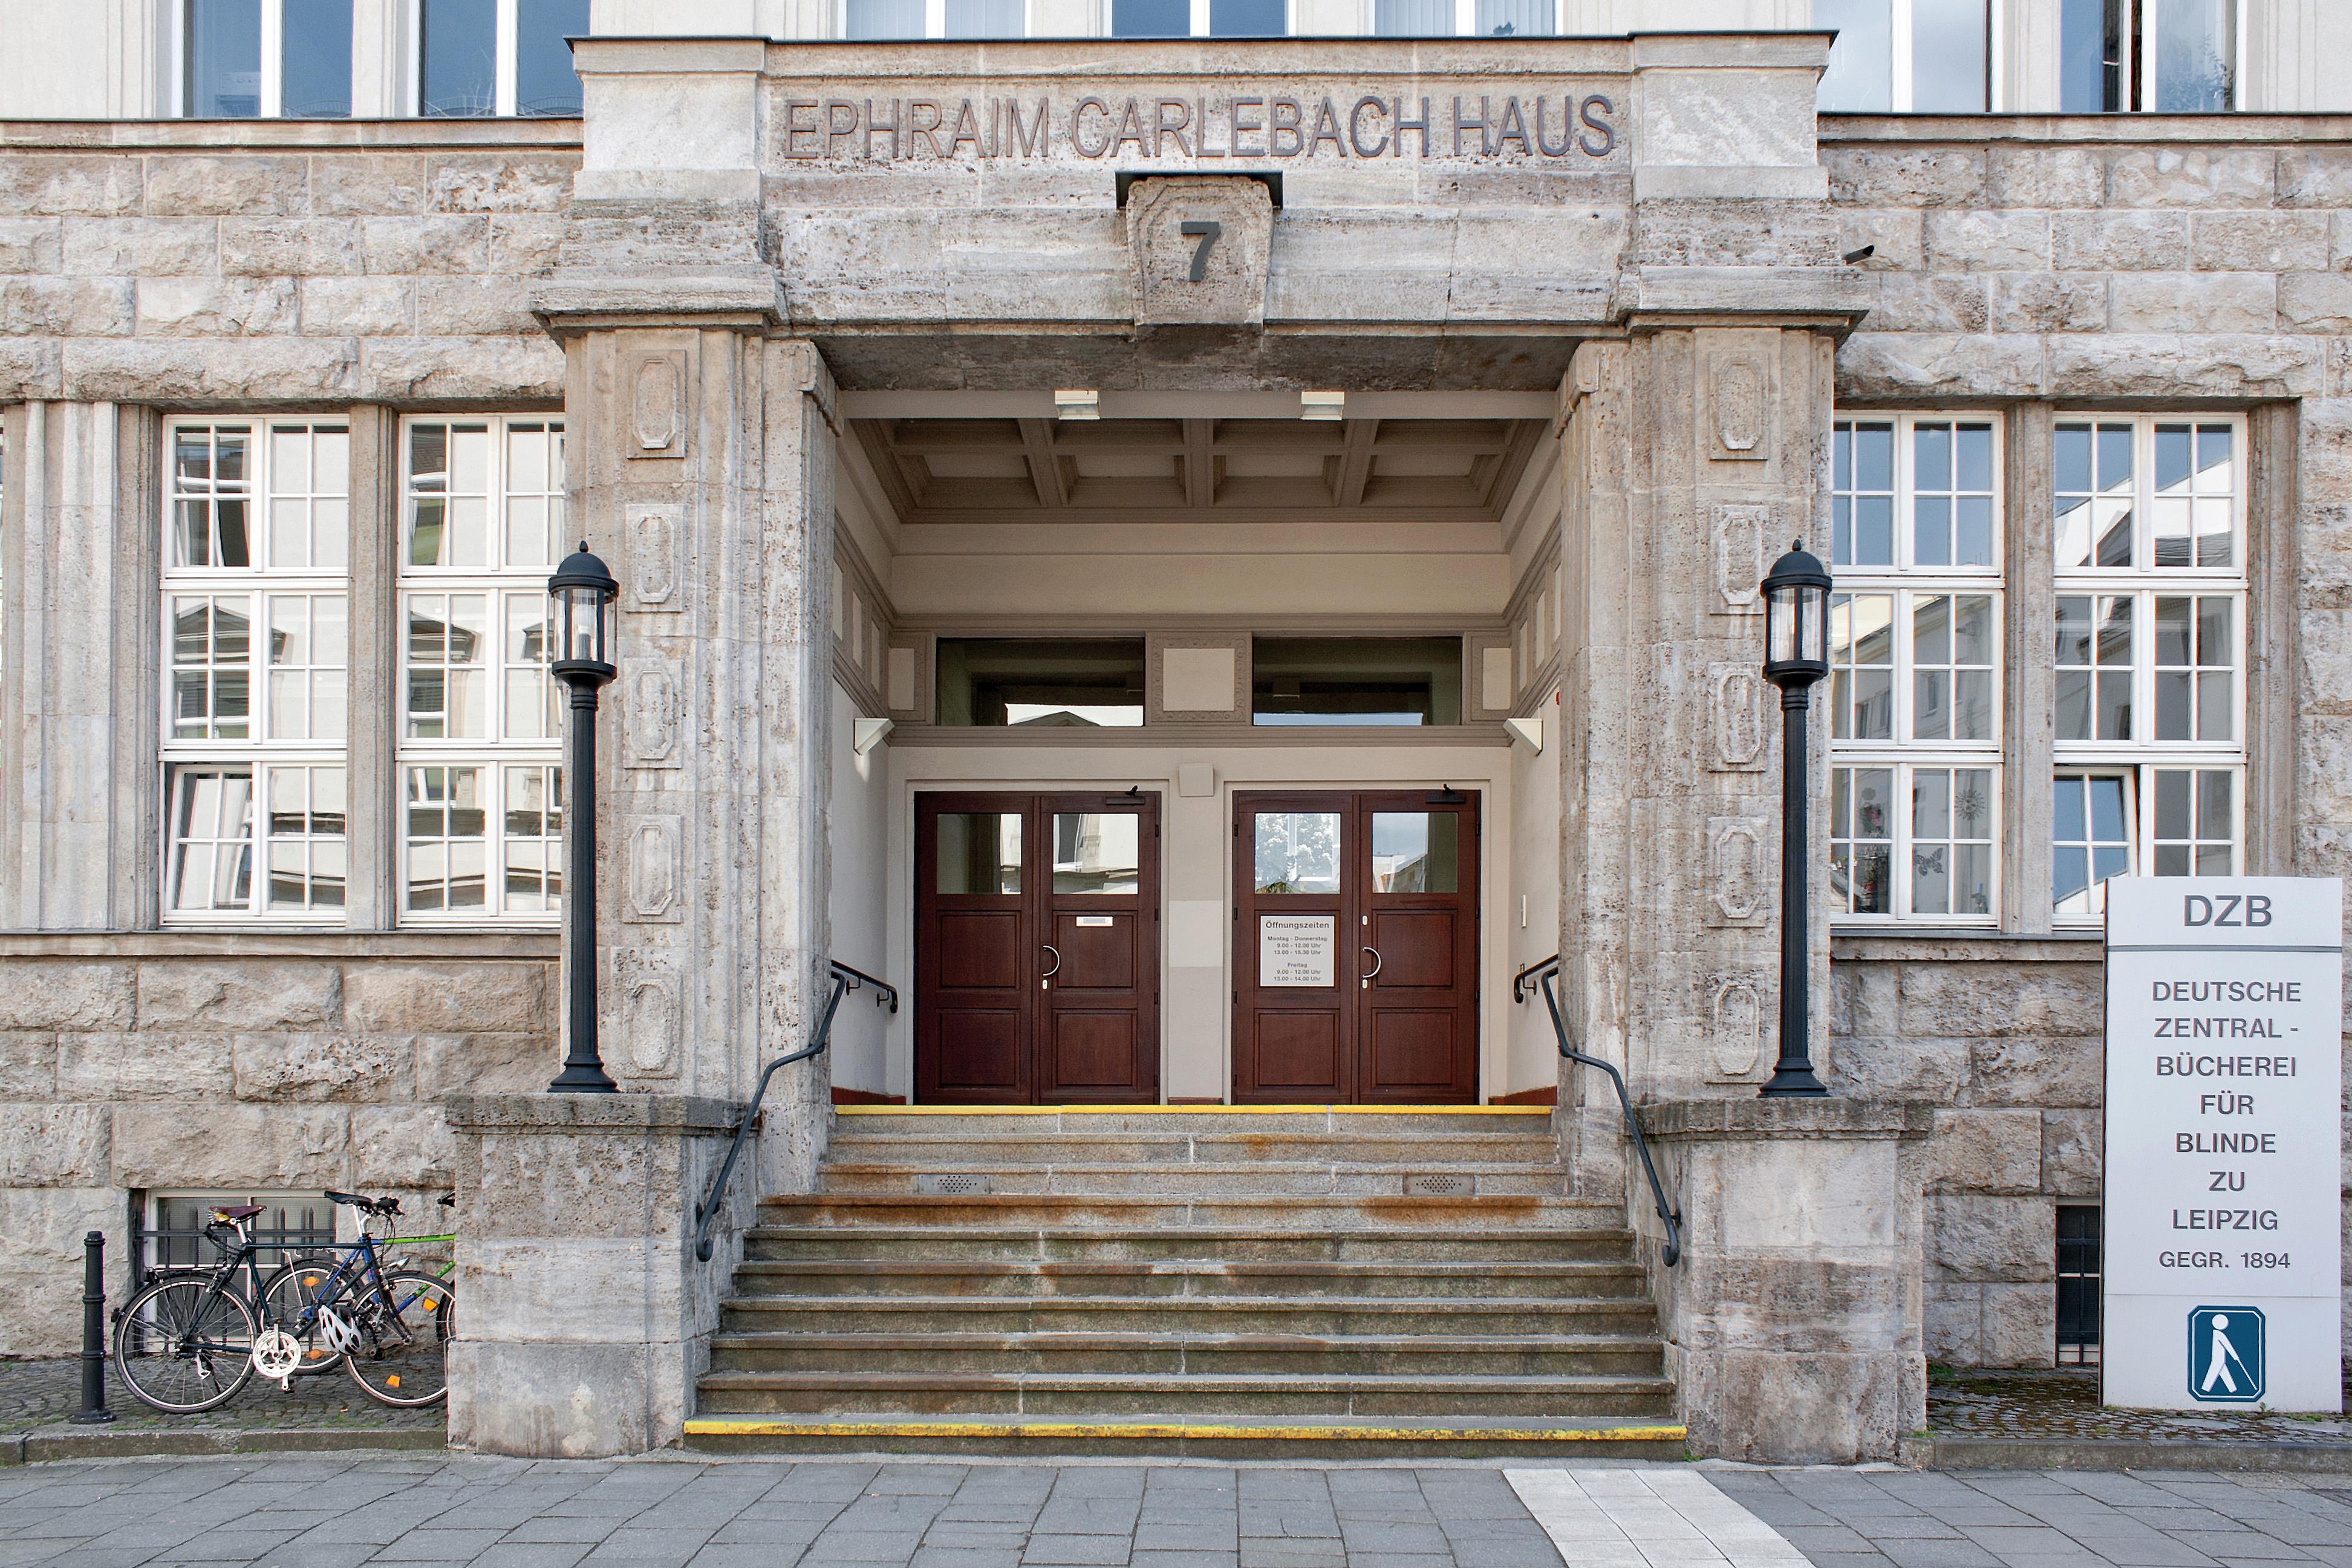 Eingang der Deutschen Zentralbibliothek für Blinde in Leipzig